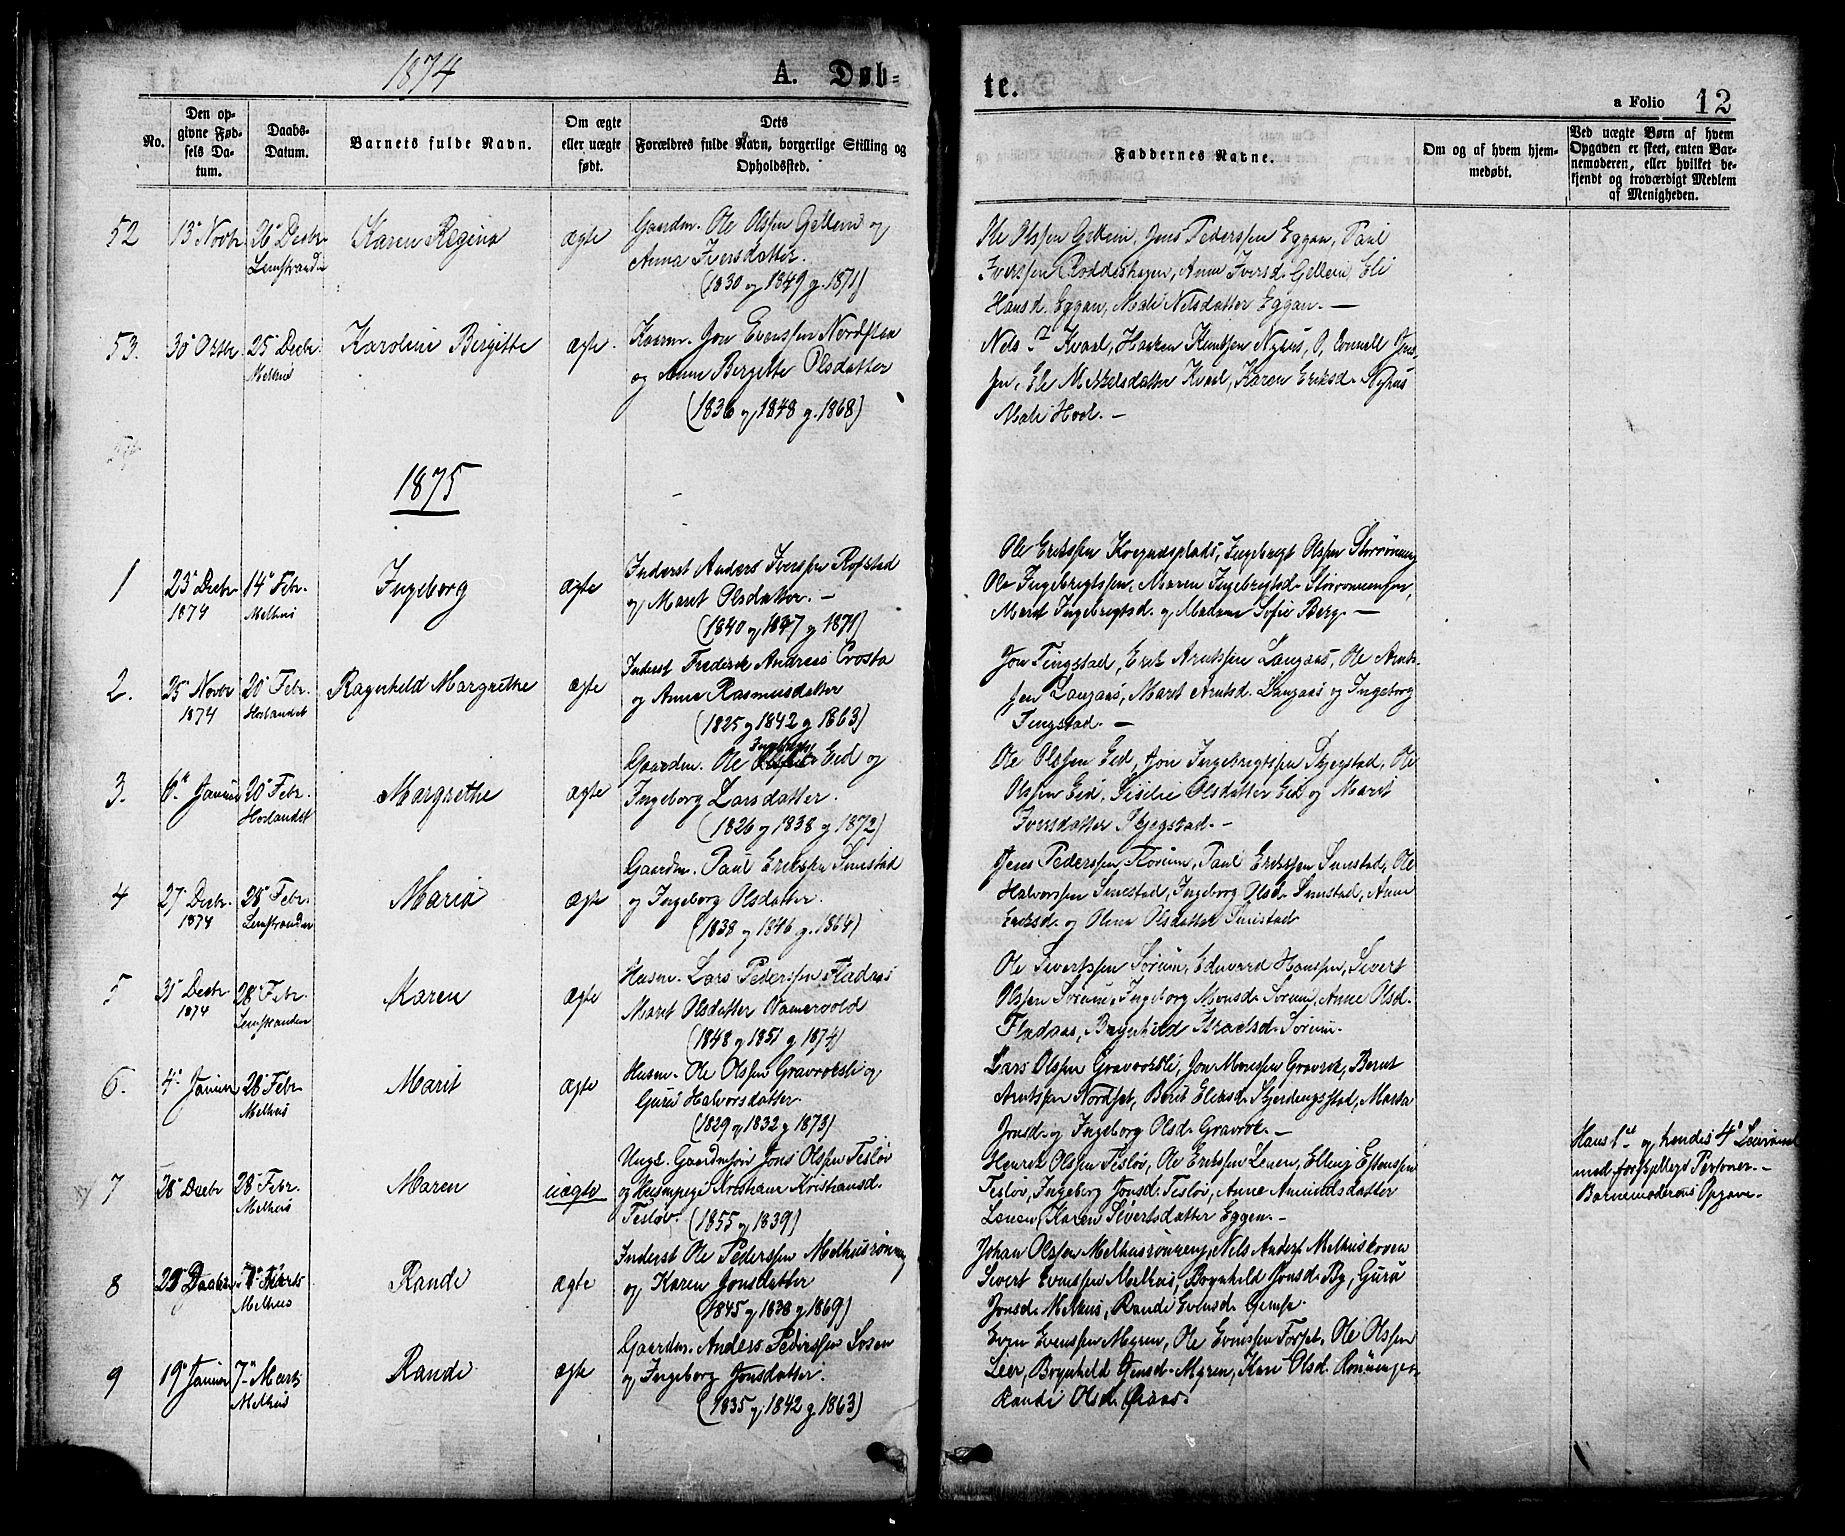 SAT, Ministerialprotokoller, klokkerbøker og fødselsregistre - Sør-Trøndelag, 691/L1079: Ministerialbok nr. 691A11, 1873-1886, s. 12